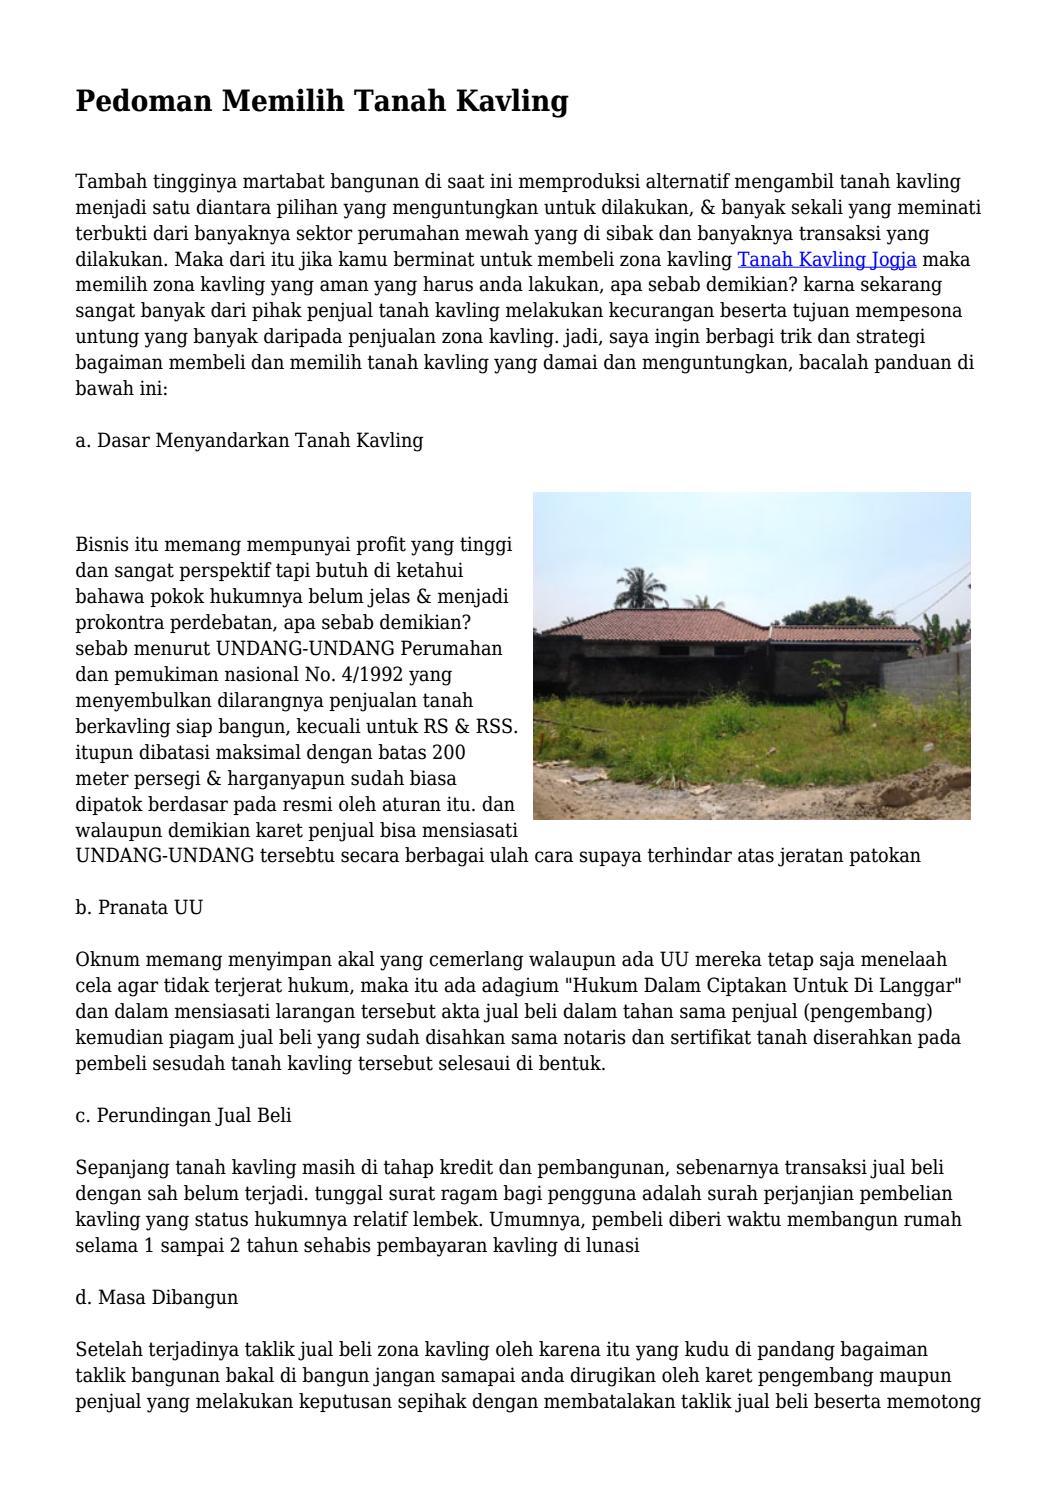 Pedoman Memilih Tanah Kavling By Klikgayahidupnet Issuu